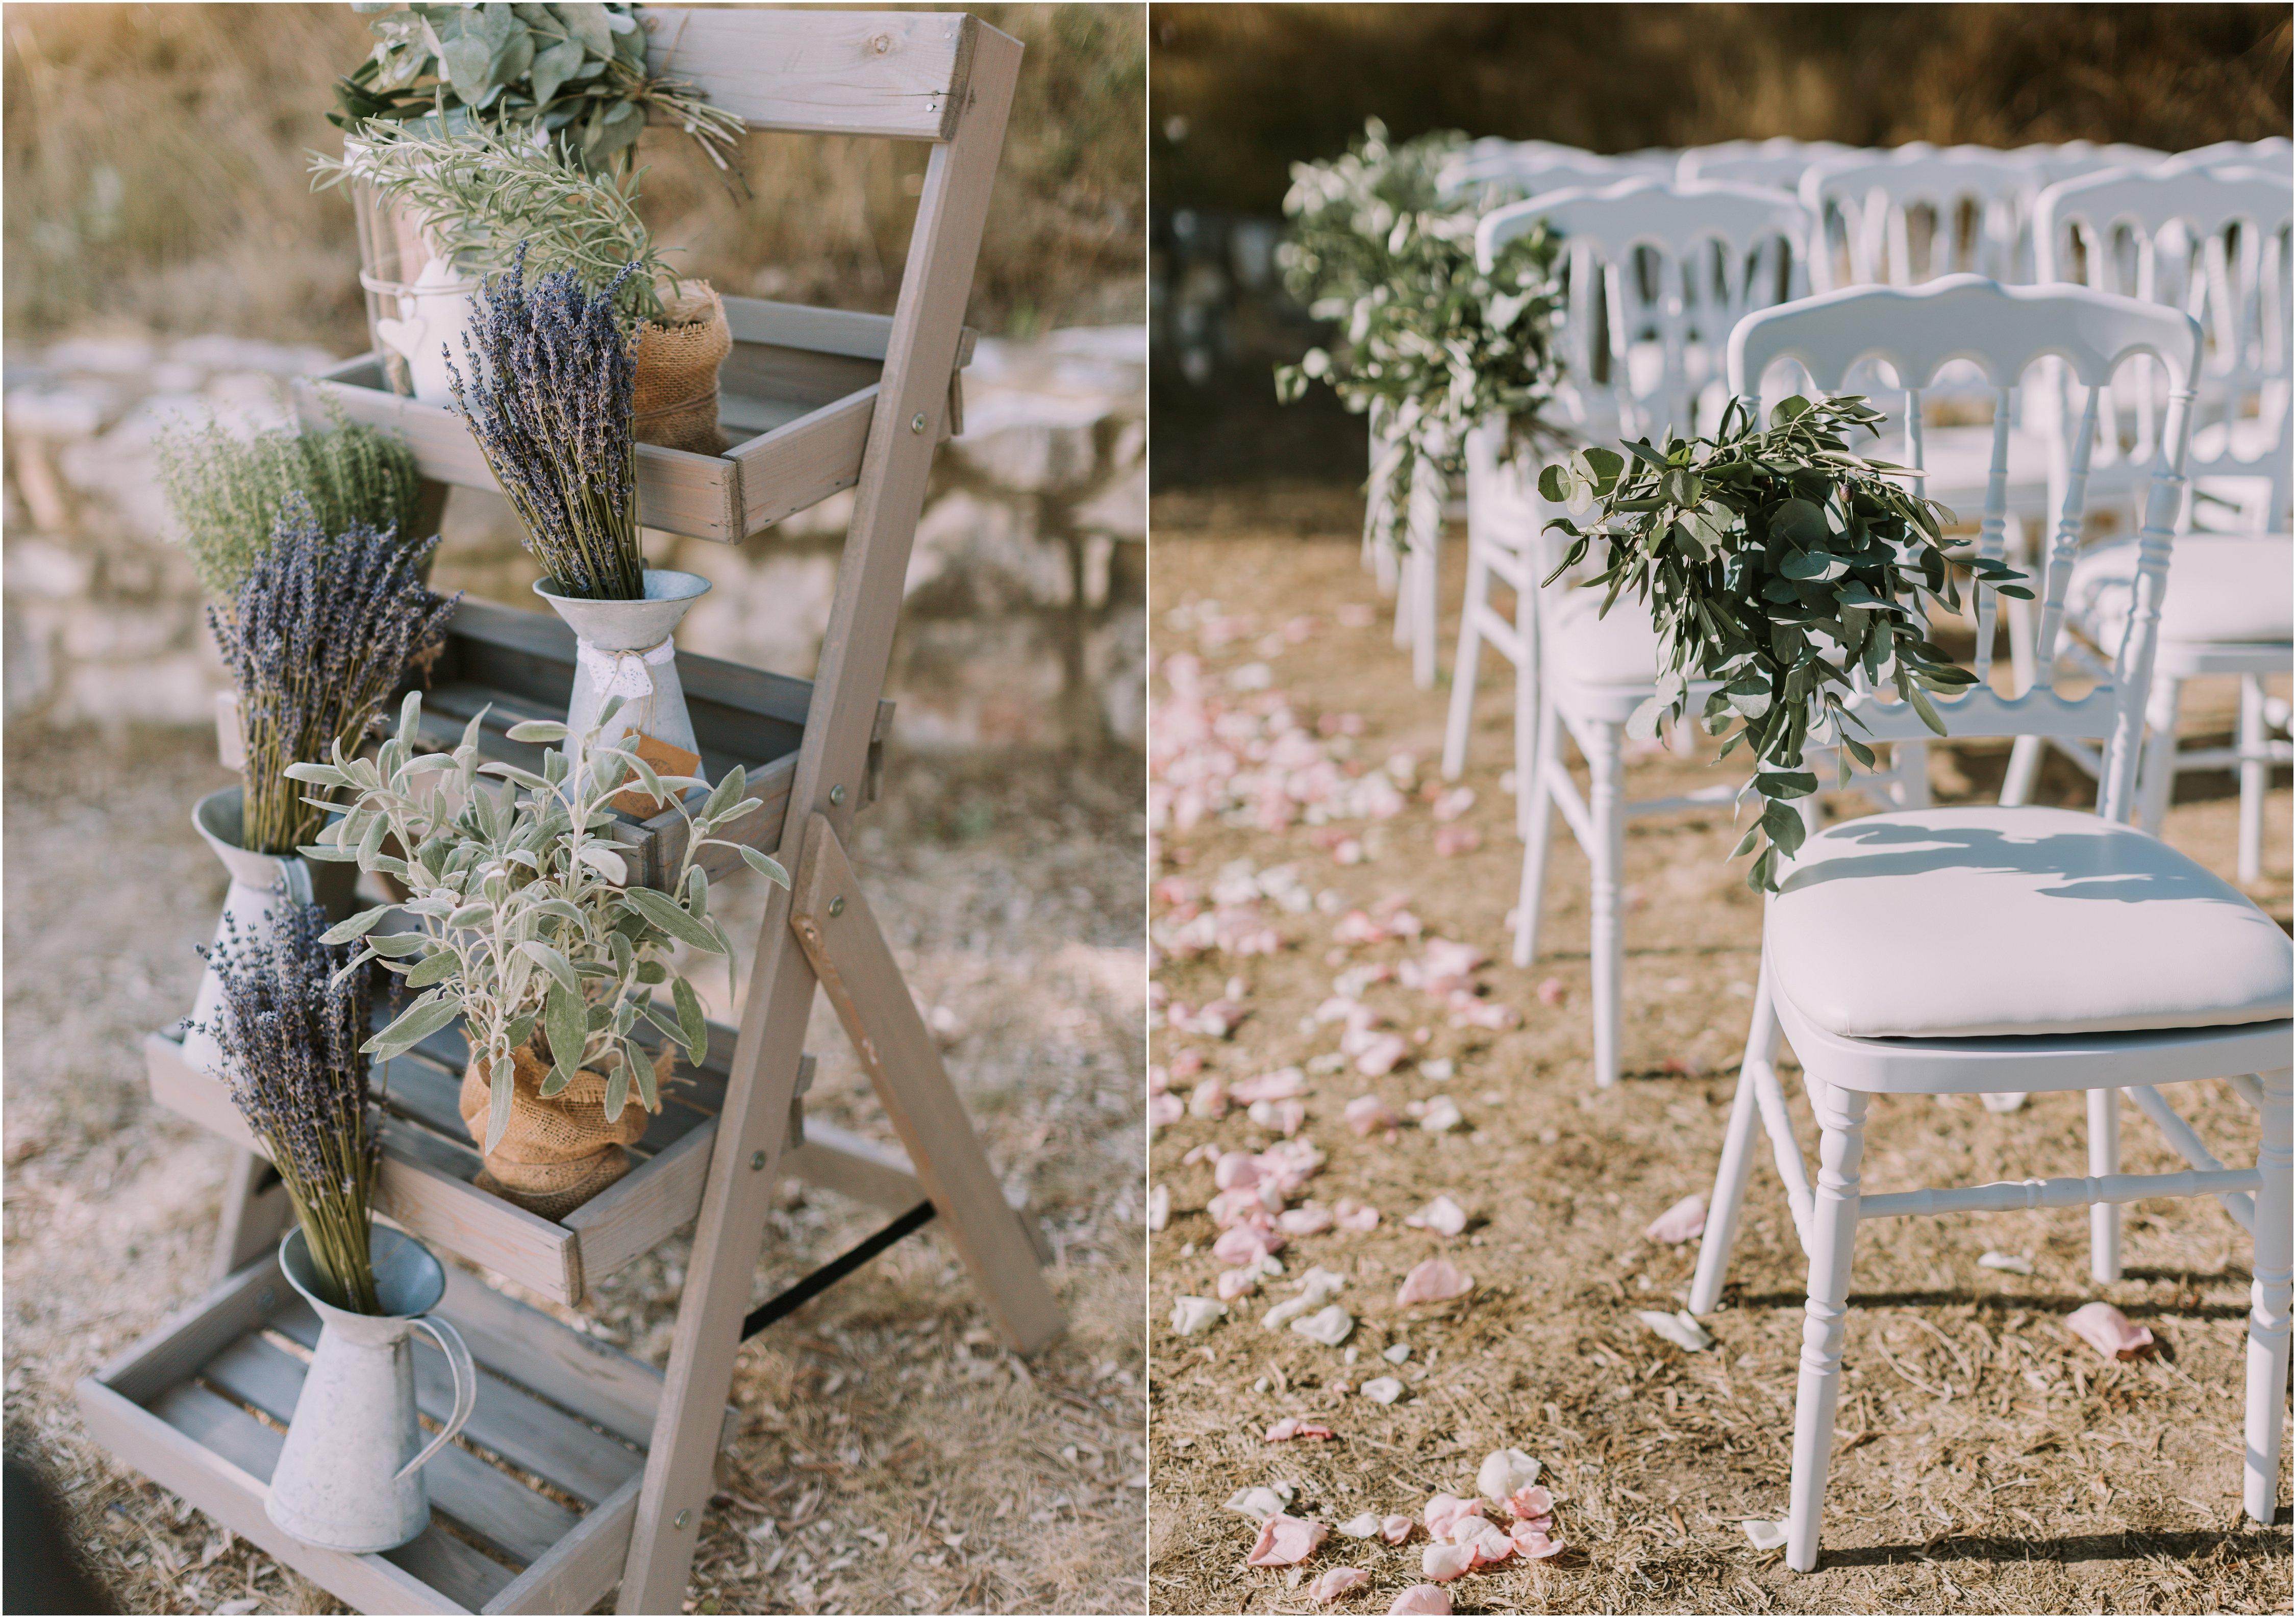 kateryna-photos-mariage-wedding-france-ardeche-domaine-clos-hullias-Saint-Christol-de-Rodière-gard-cevennes_0181.jpg